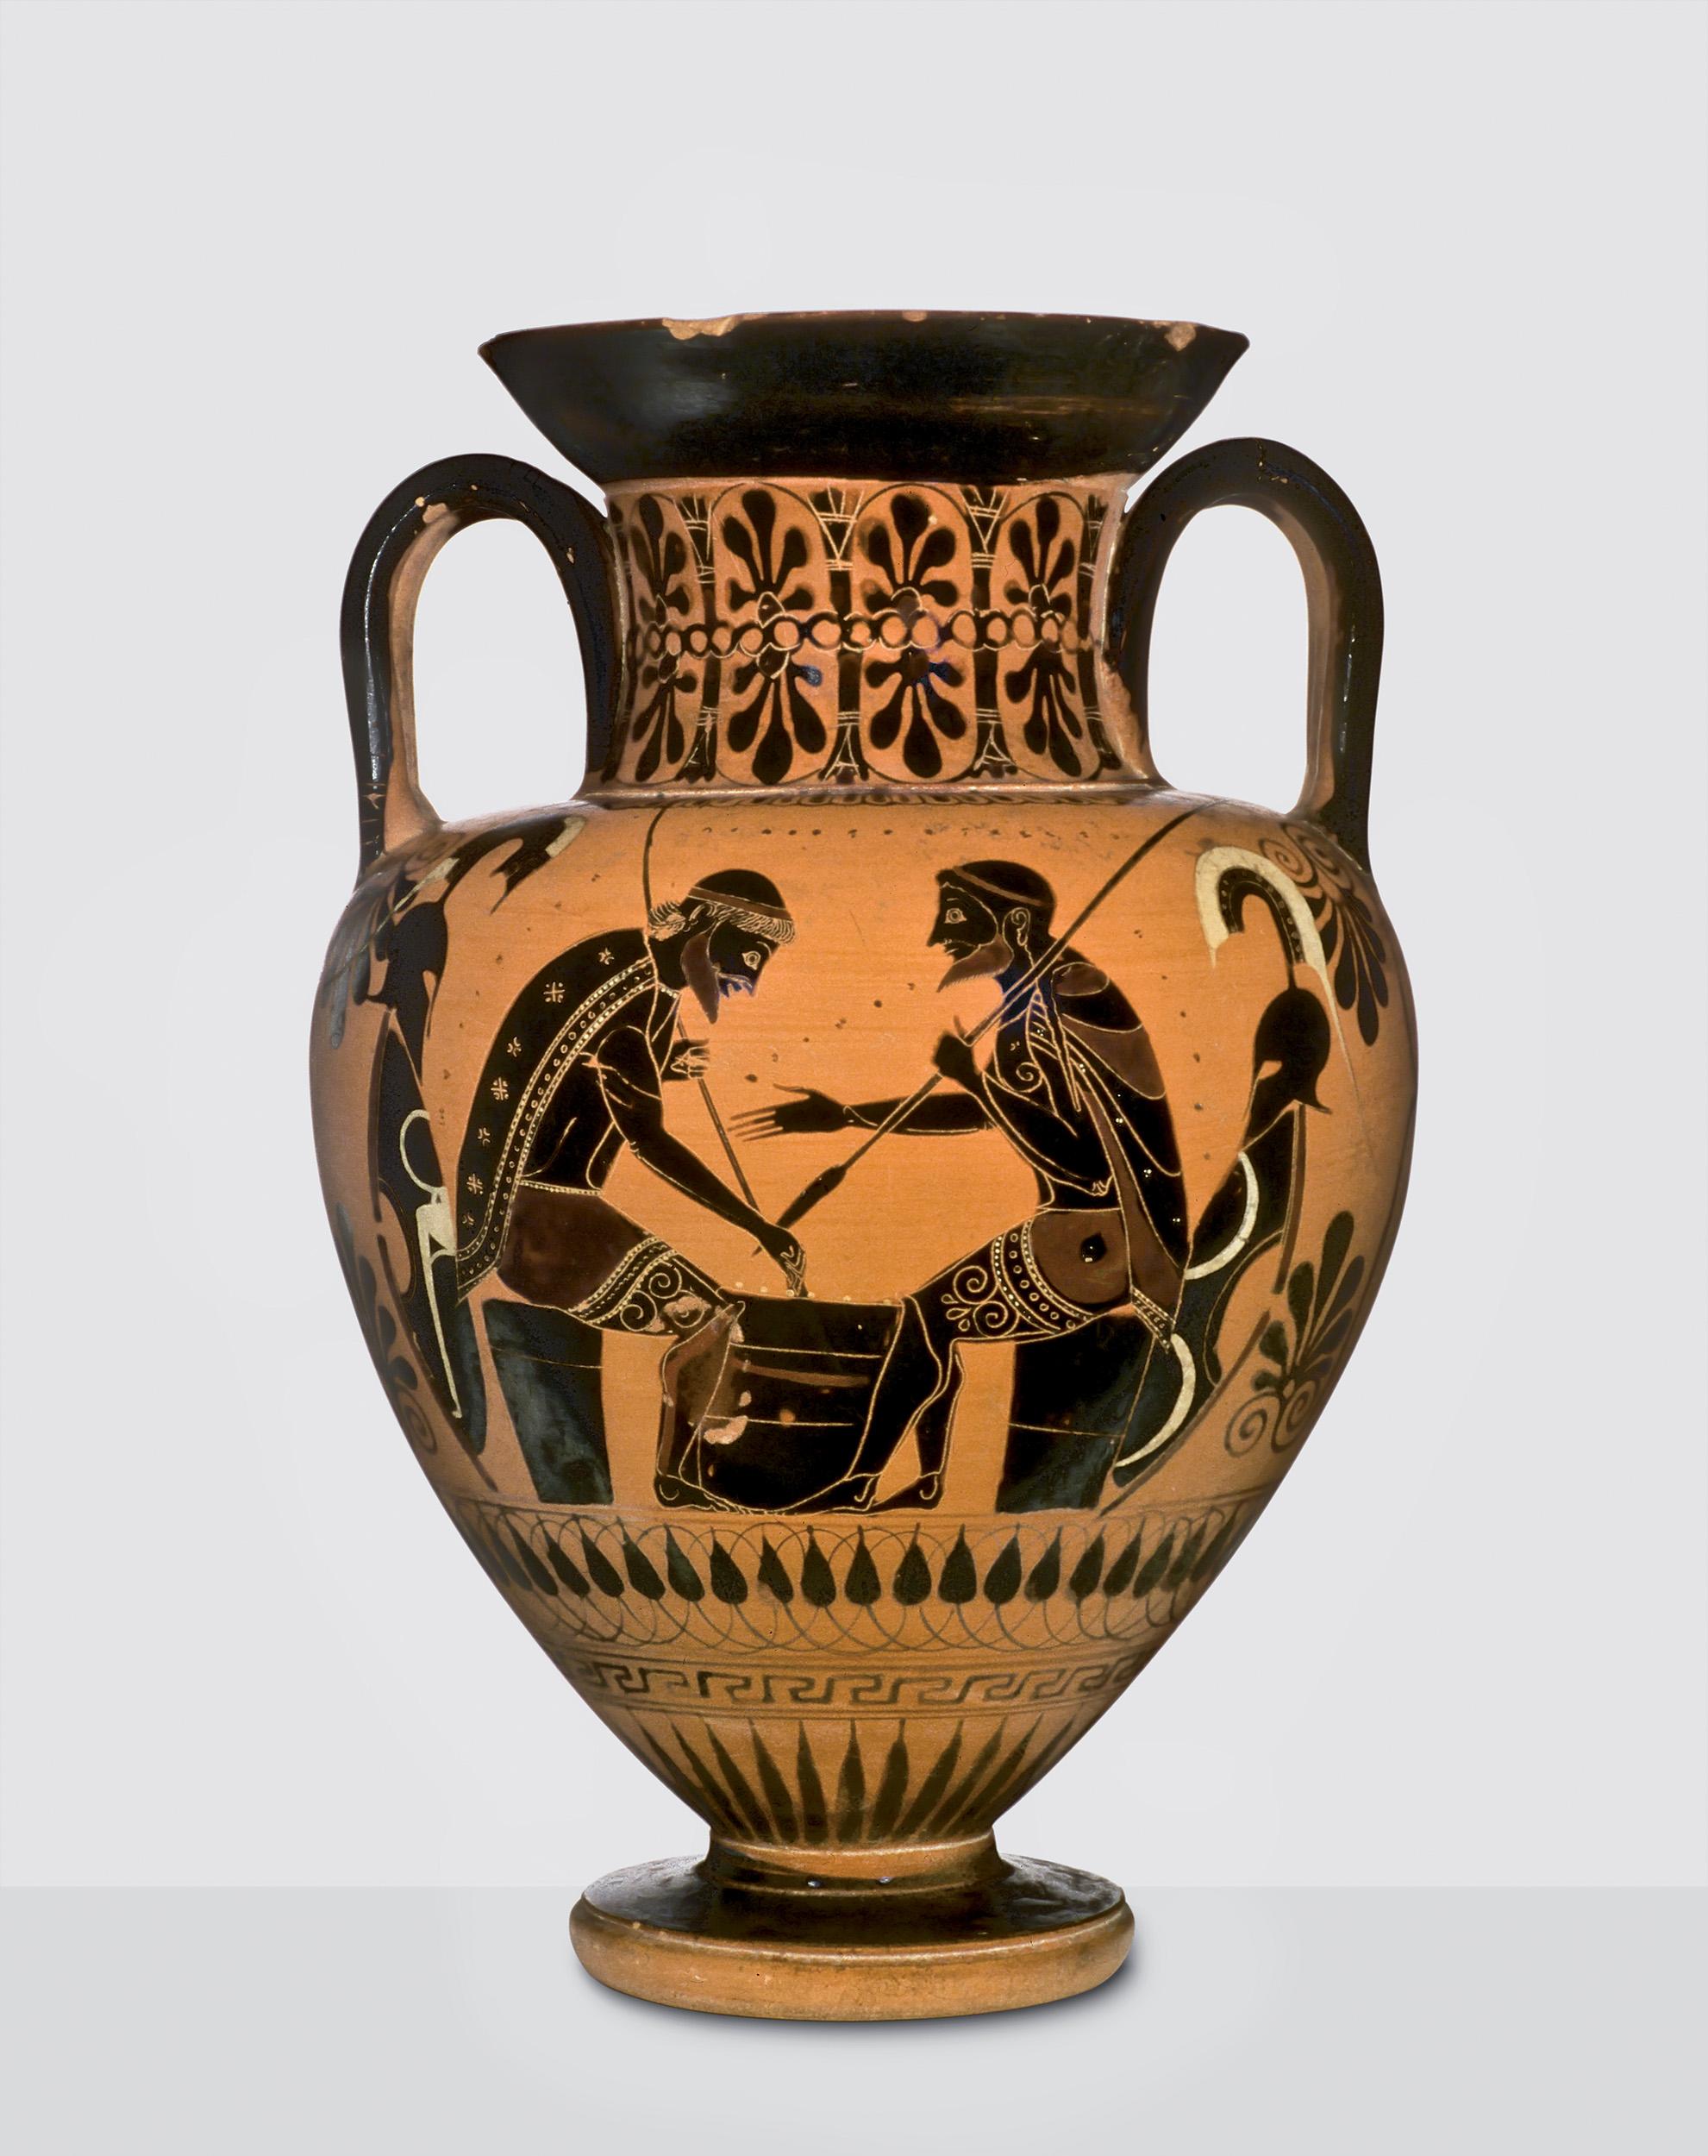 Μελανόμορφος αμφορέας με παράσταση του Αχιλλέα και του Αίαντα που παίζουν επιτραπέζιο παιχνίδι περ. 540 π.Χ. Vulci Βασιλεία, Antikenmuseum Basel und Sammlung Ludwig